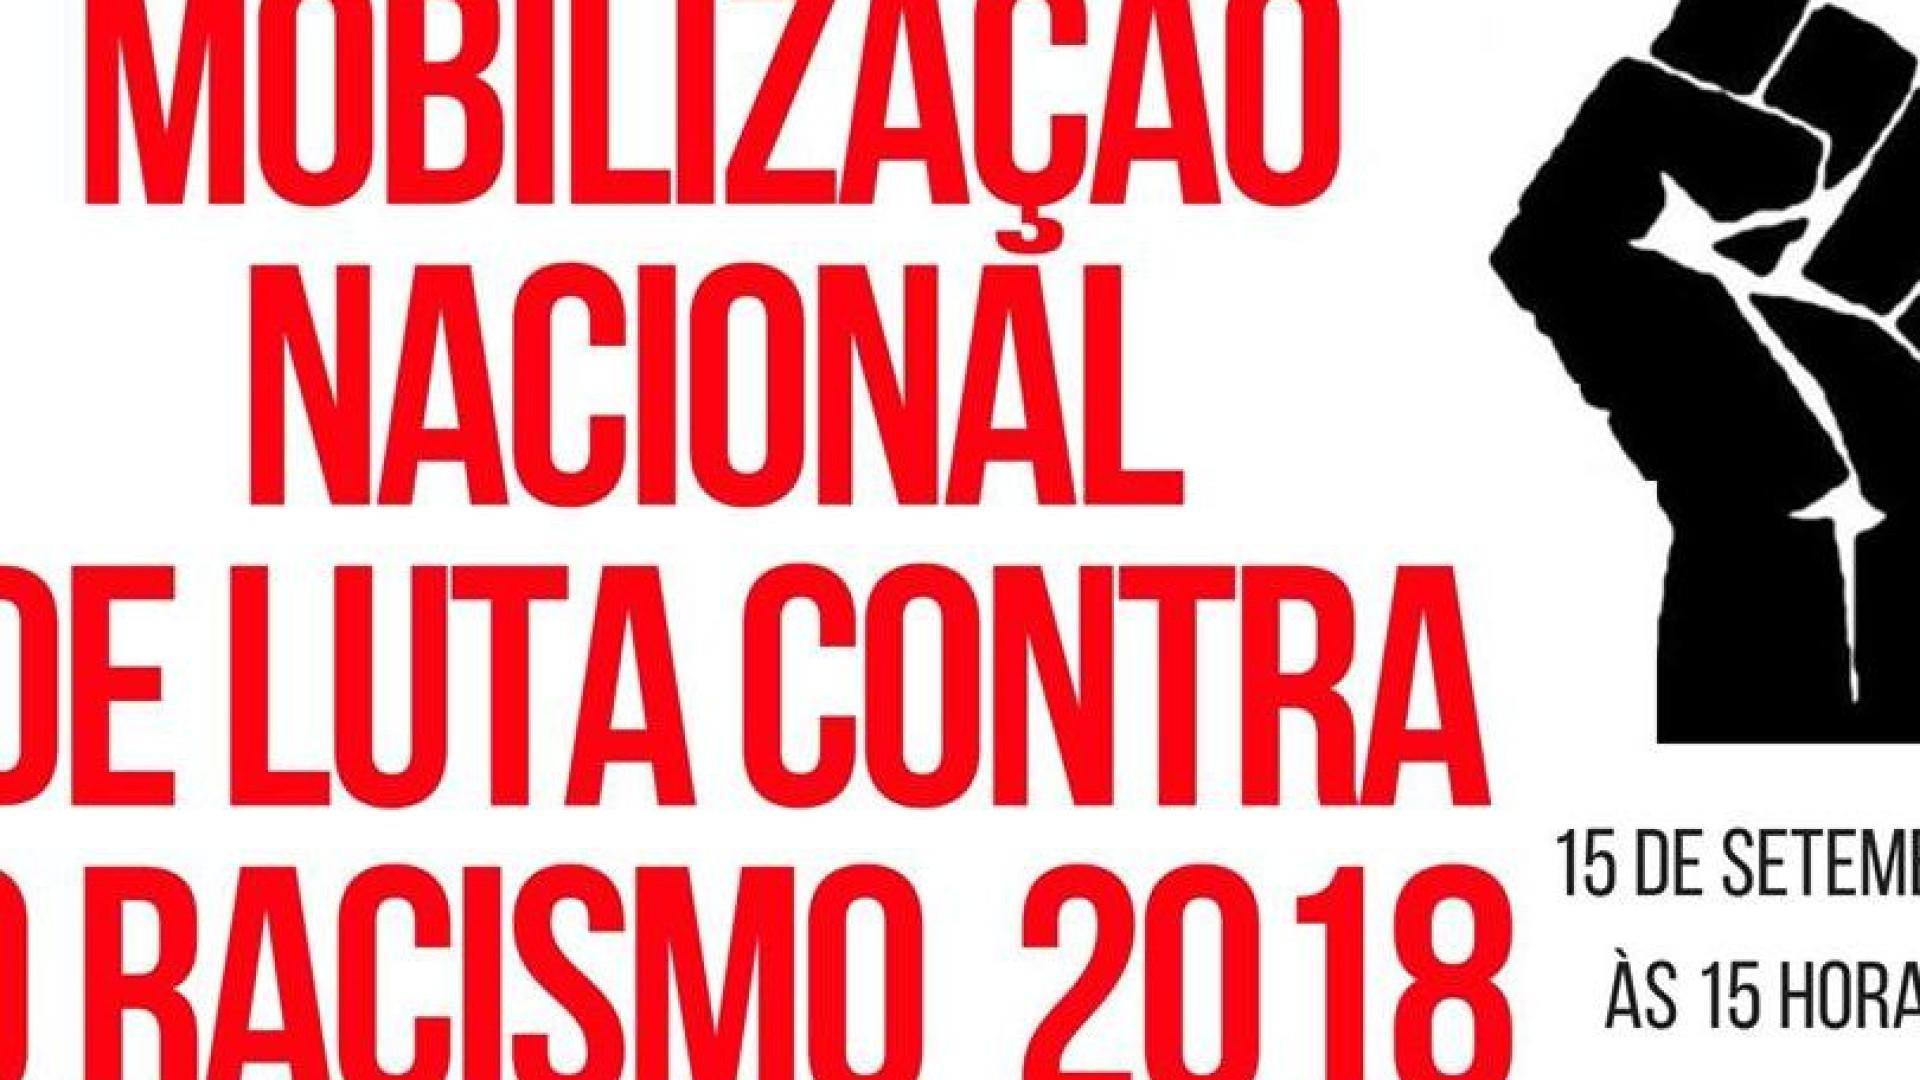 Três cidades mobilizam-se em evento nacional de luta contra o racismo